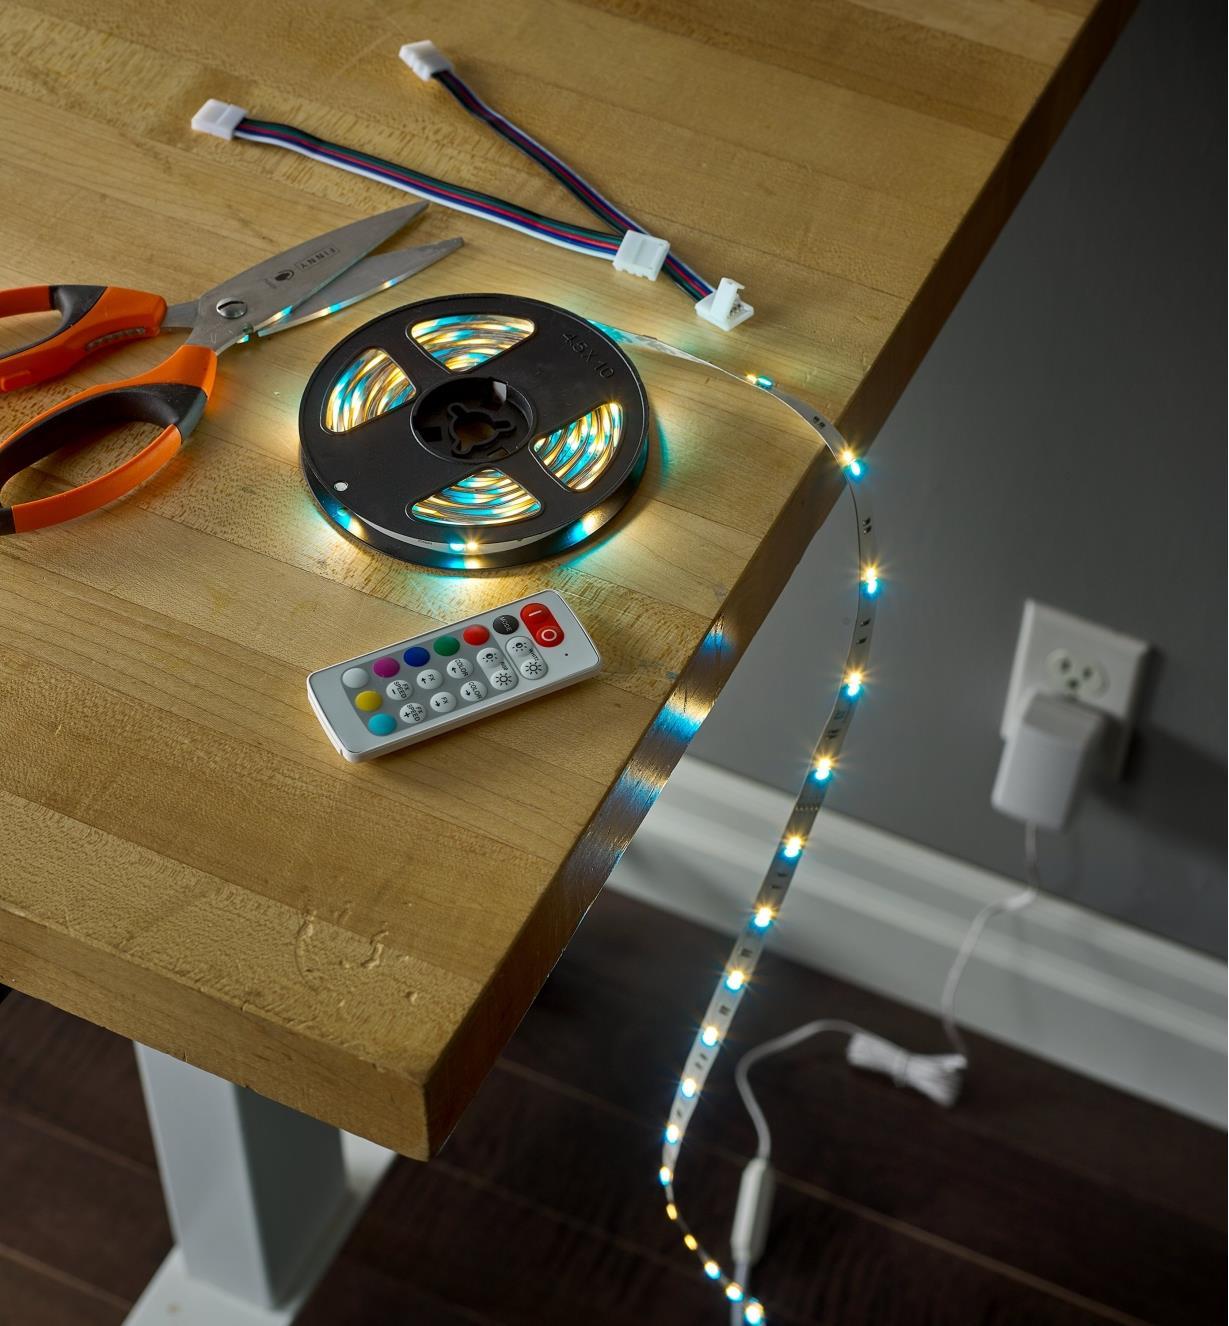 Ensemble de luminaire-ruban à DEL allumé posé sur une table